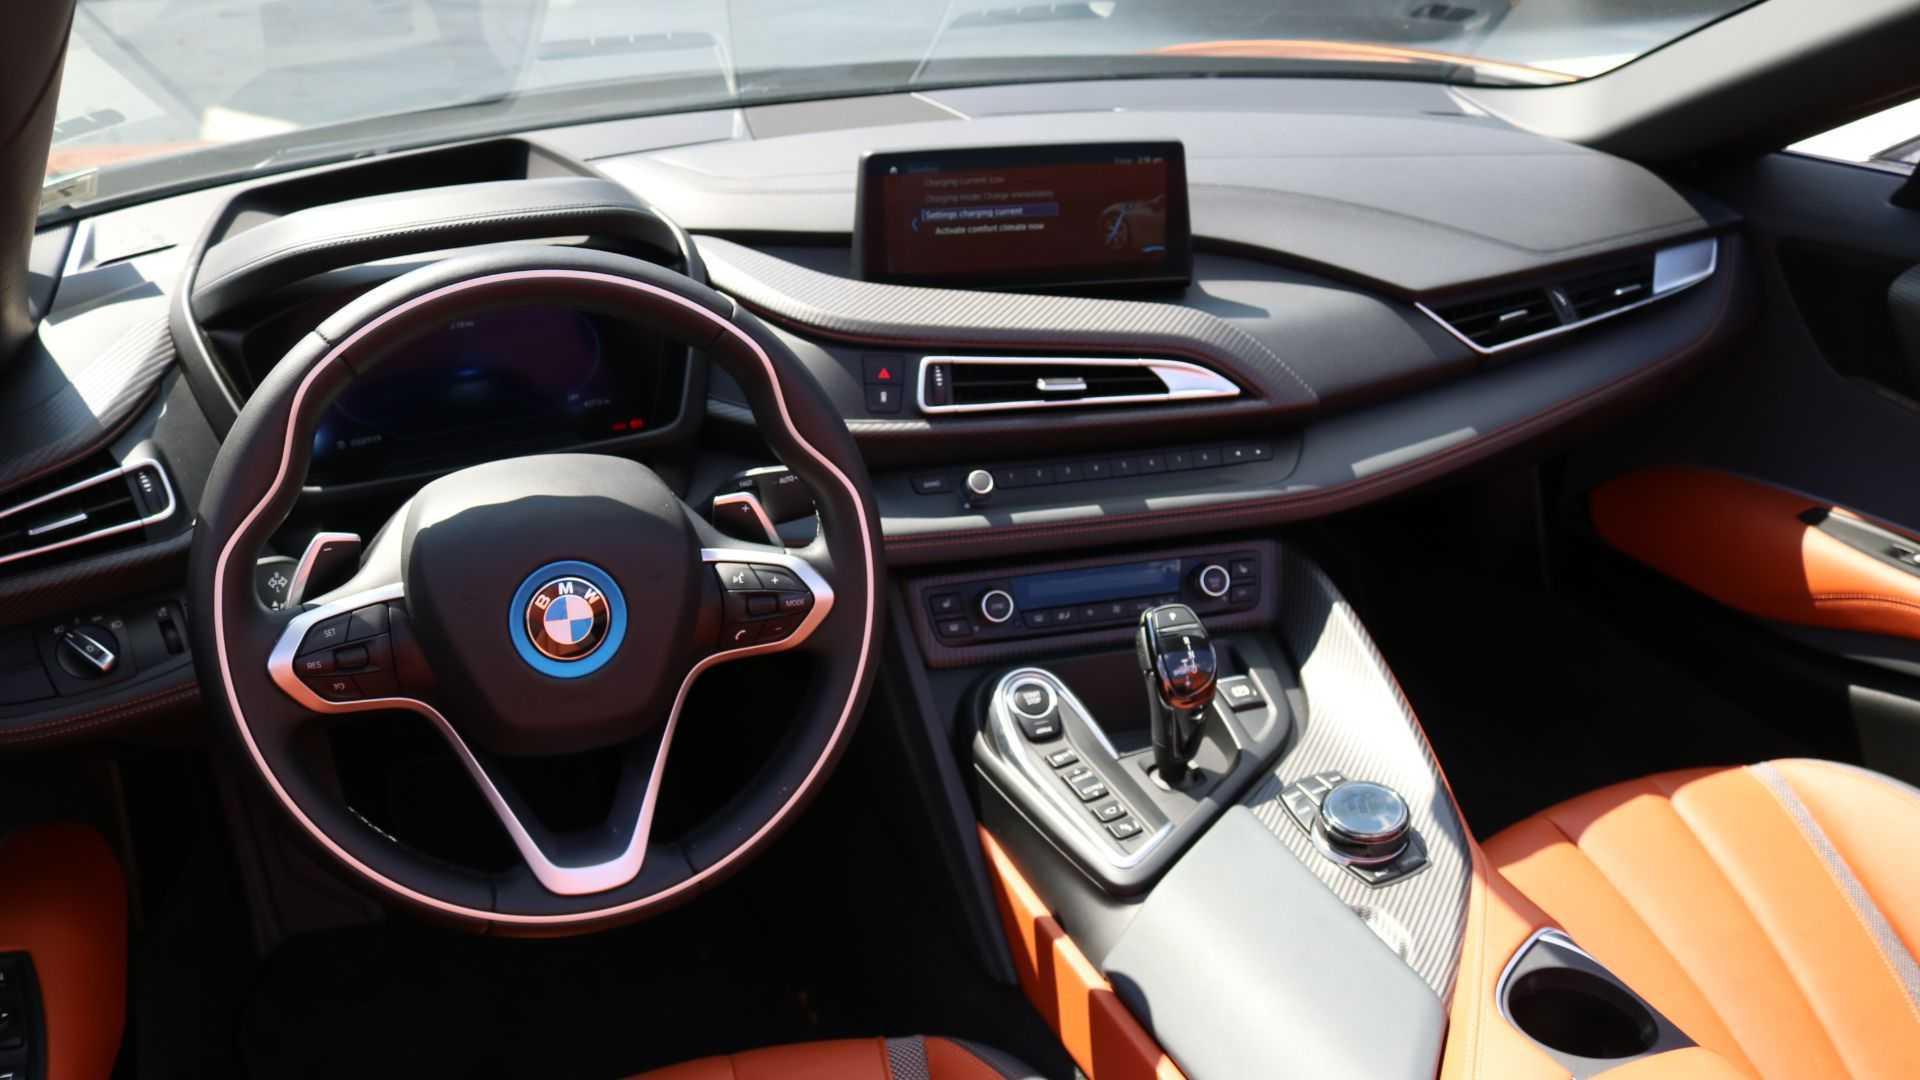 油耗是官宣3倍,三缸超370马力,比718贵120万,颜值胜R8